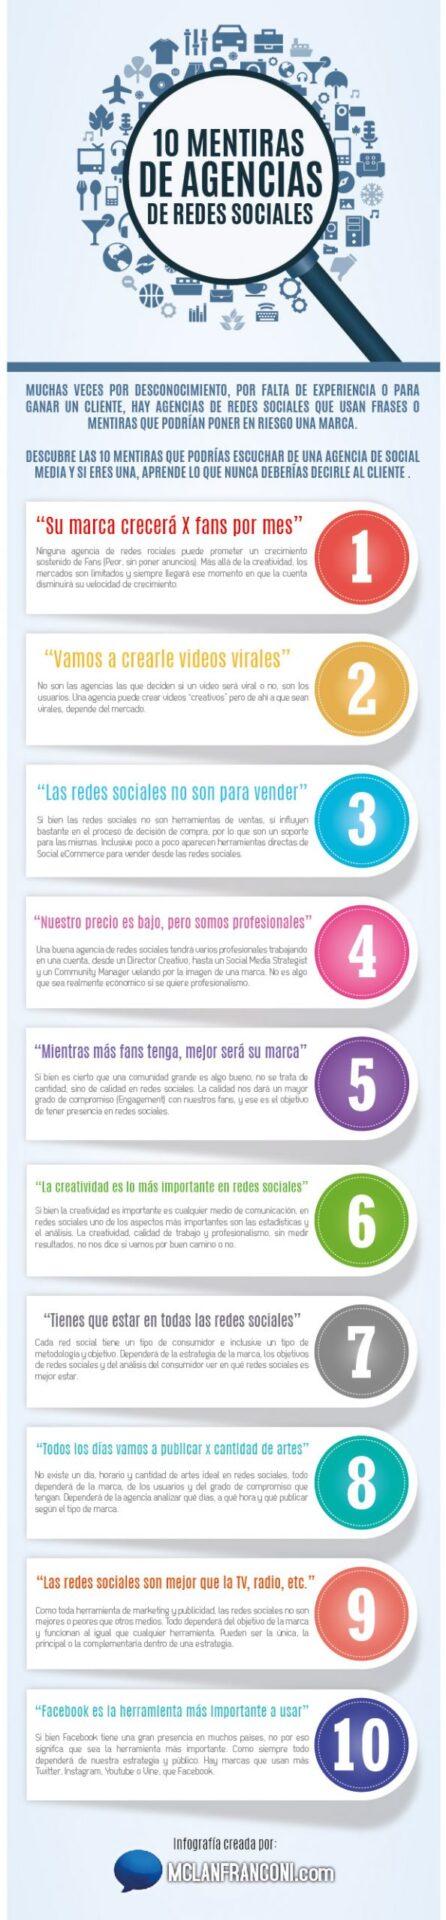 10 mentiras de agencias de redes sociales 3